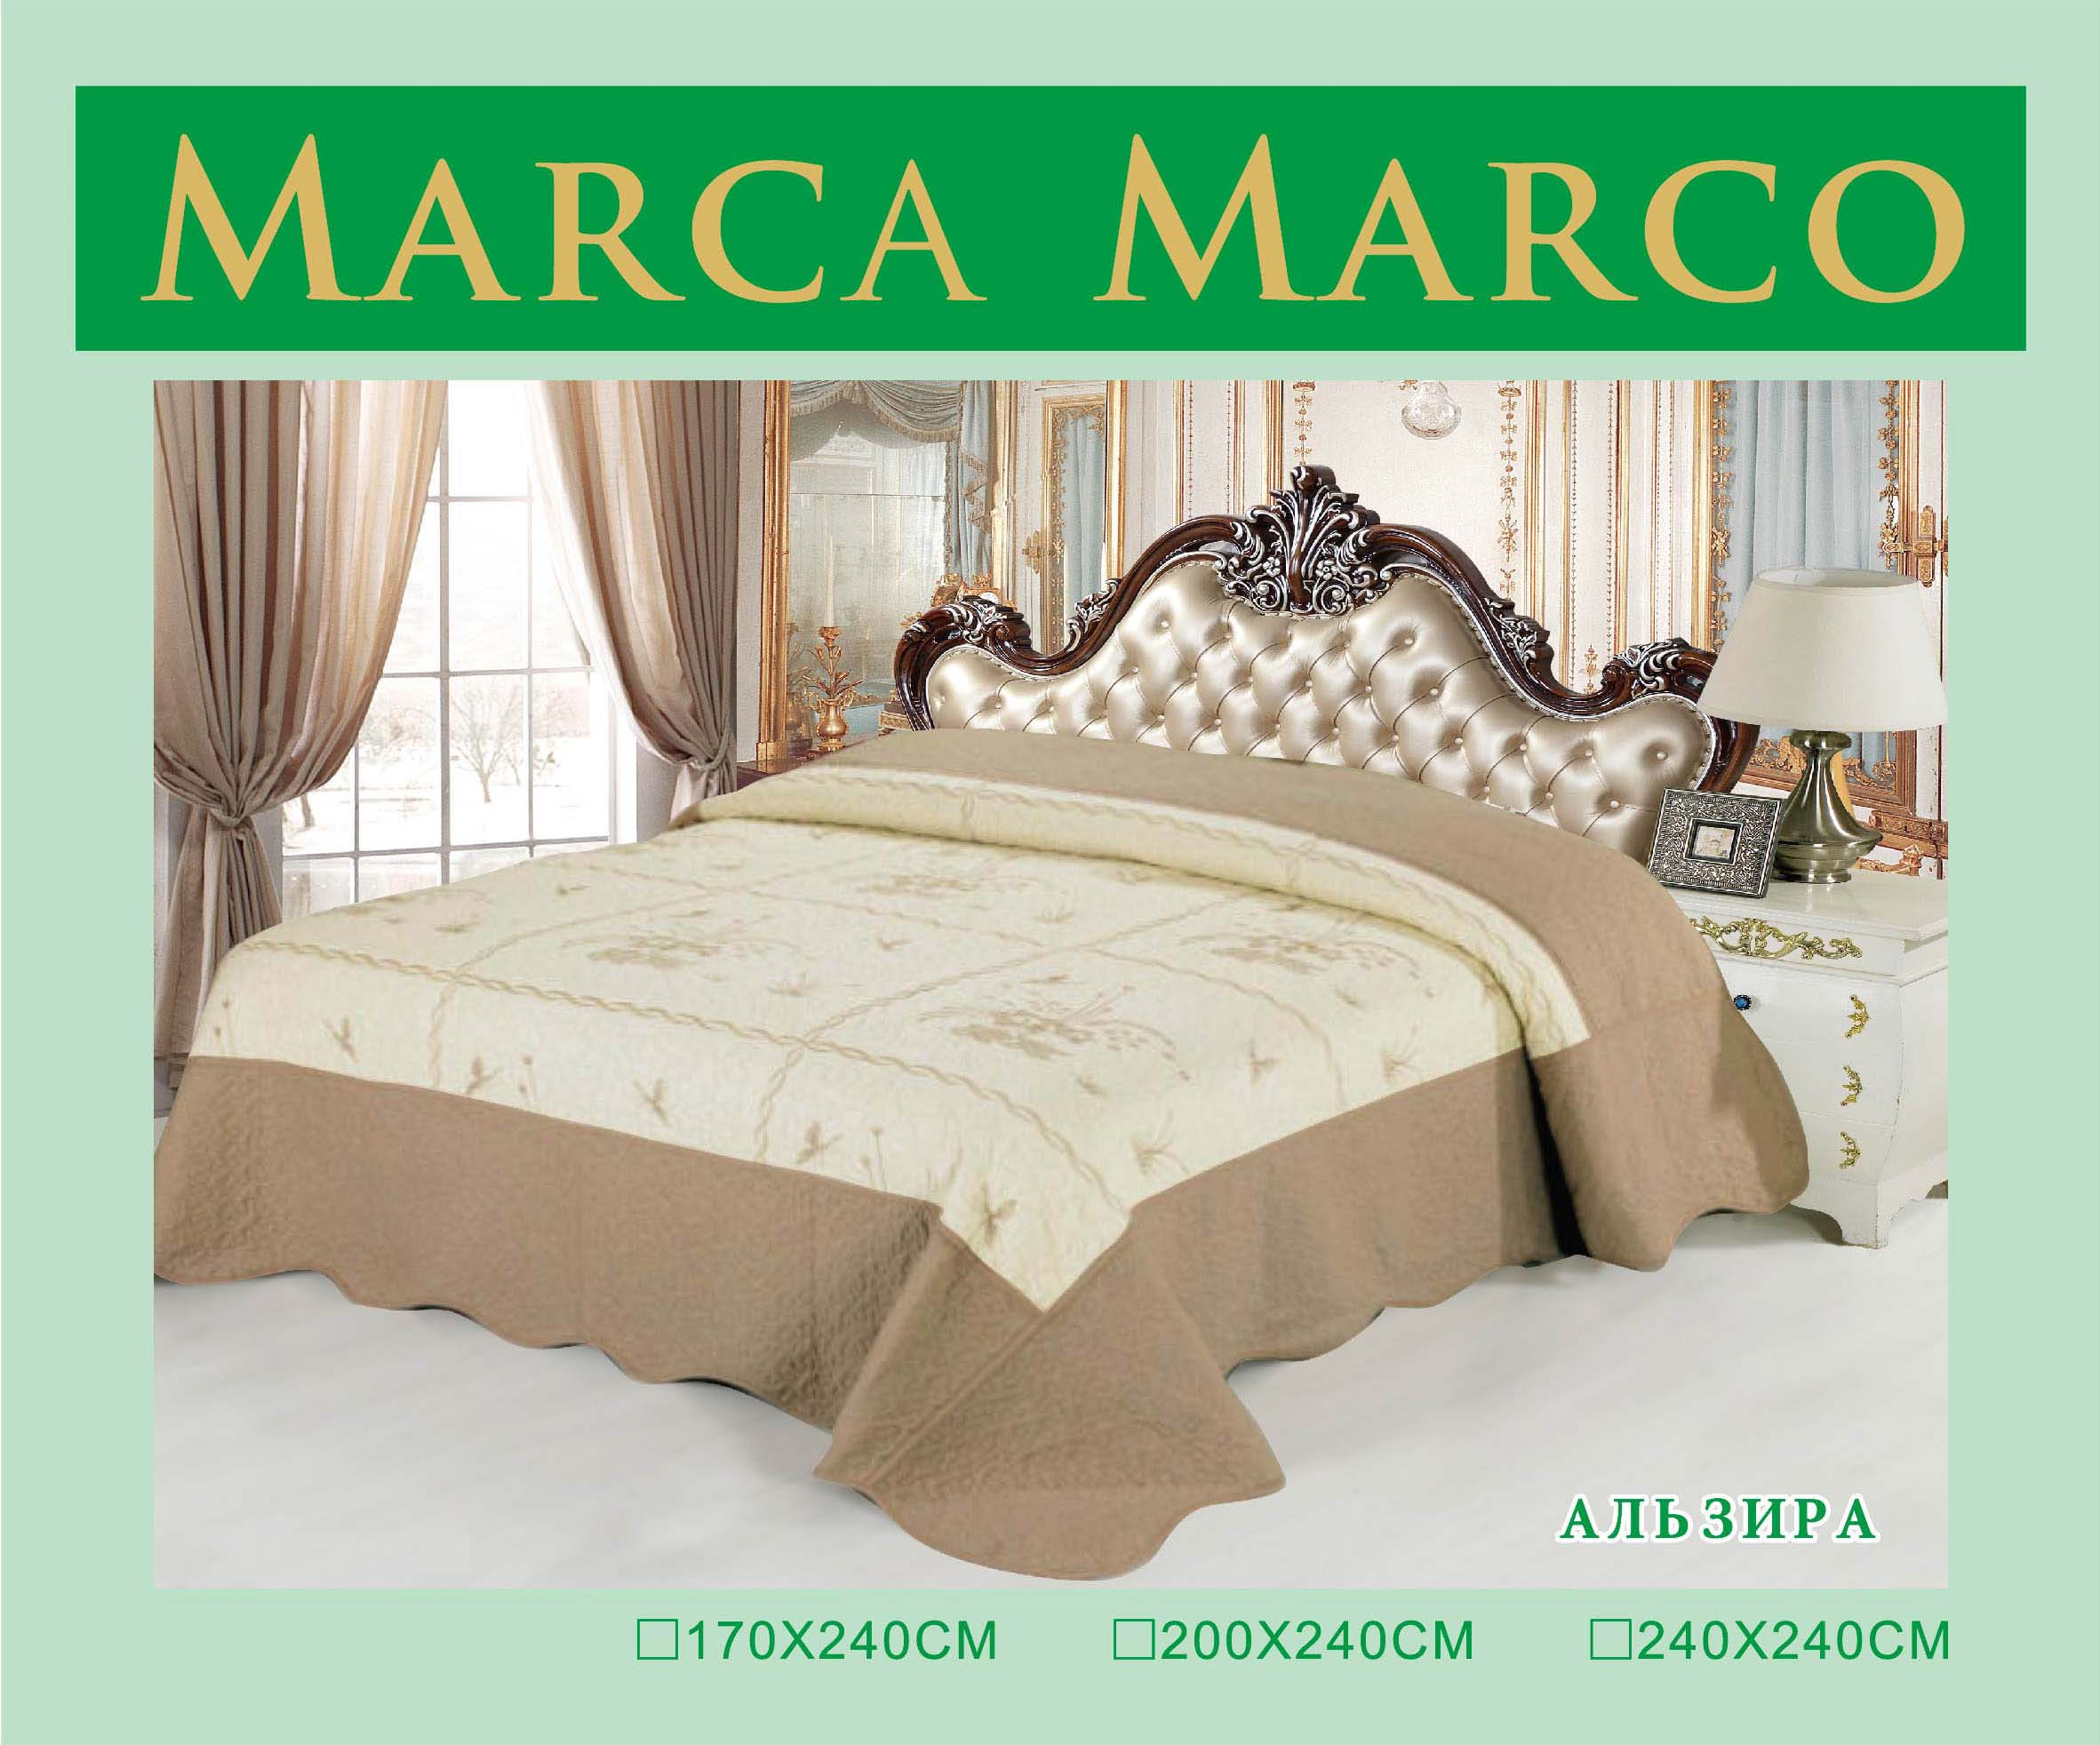 где купить  Покрывало MАRCA MARCO Покрывало Азьзира (240х240 см)  по лучшей цене